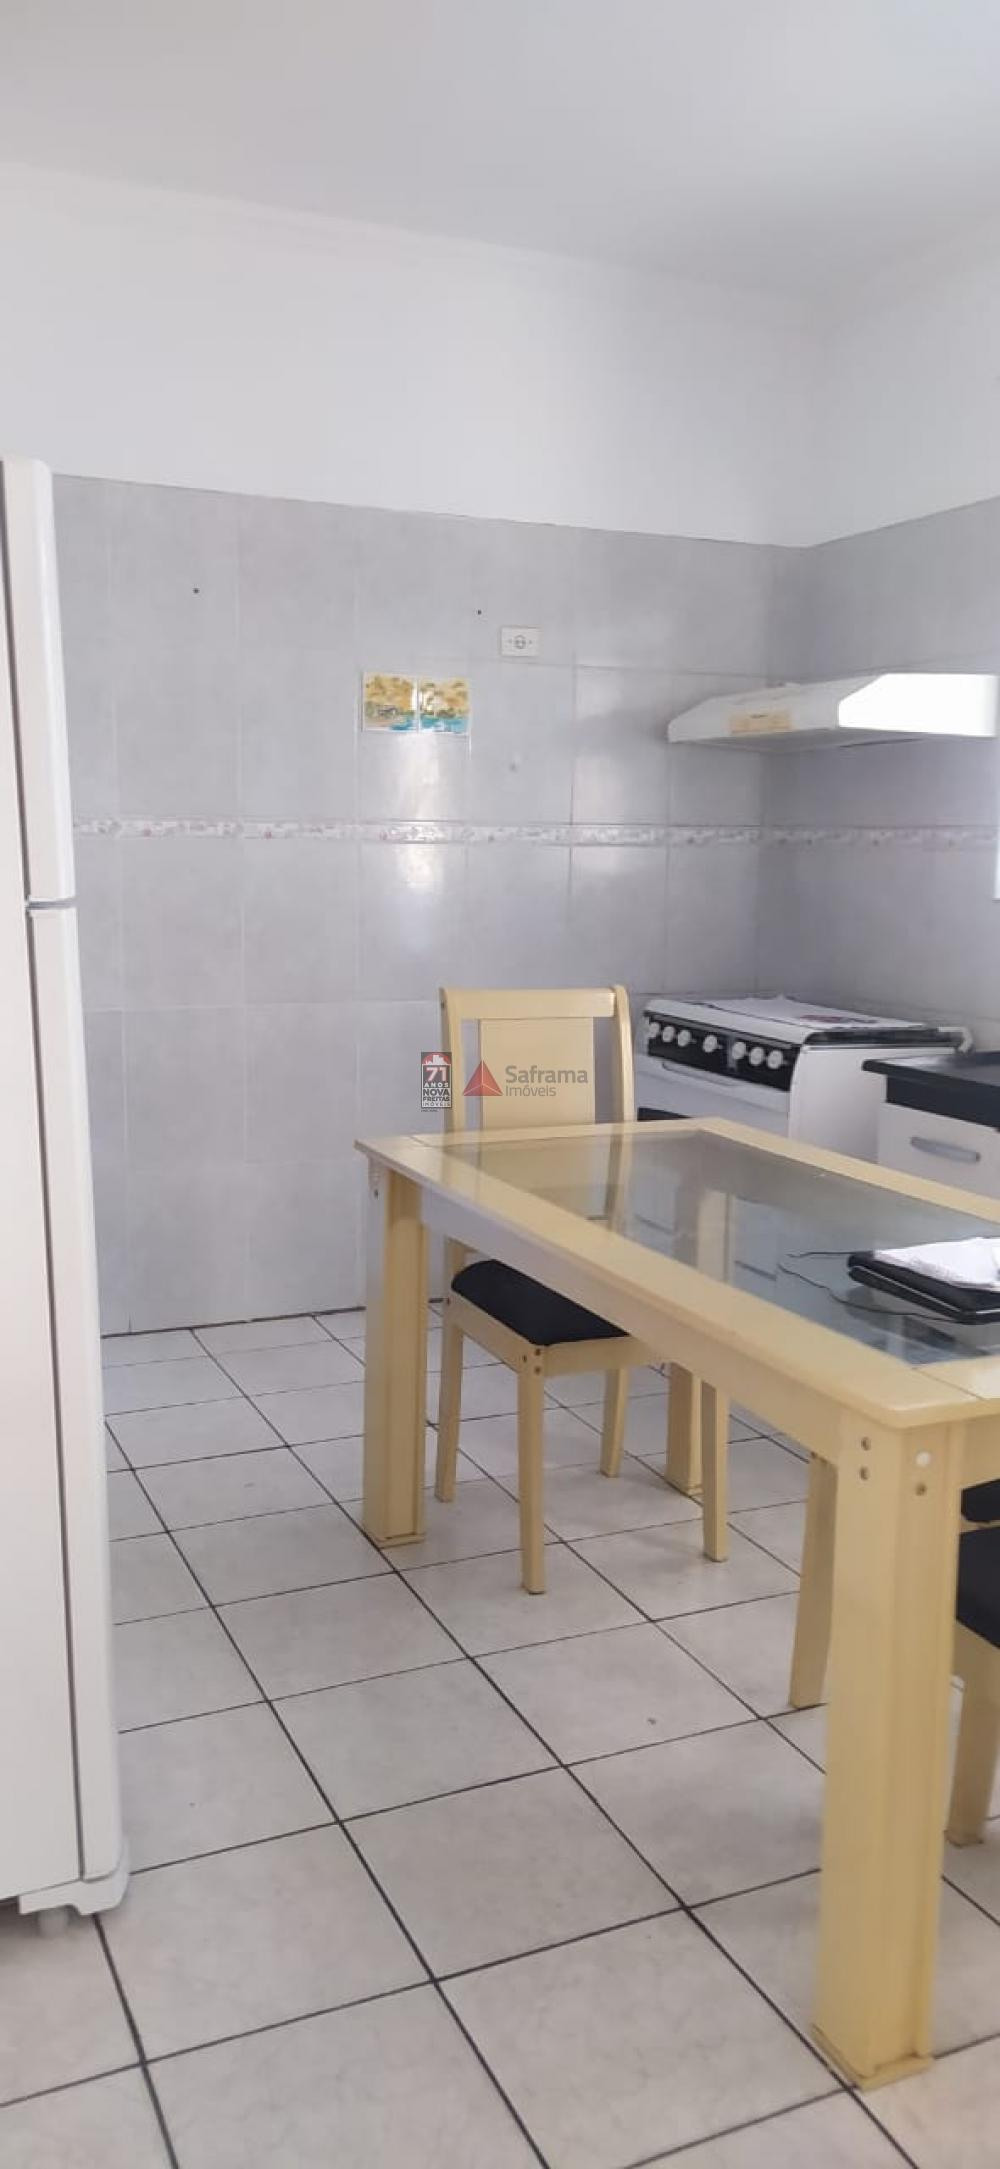 Comprar Casa / Padrão em São José dos Campos apenas R$ 276.000,00 - Foto 5